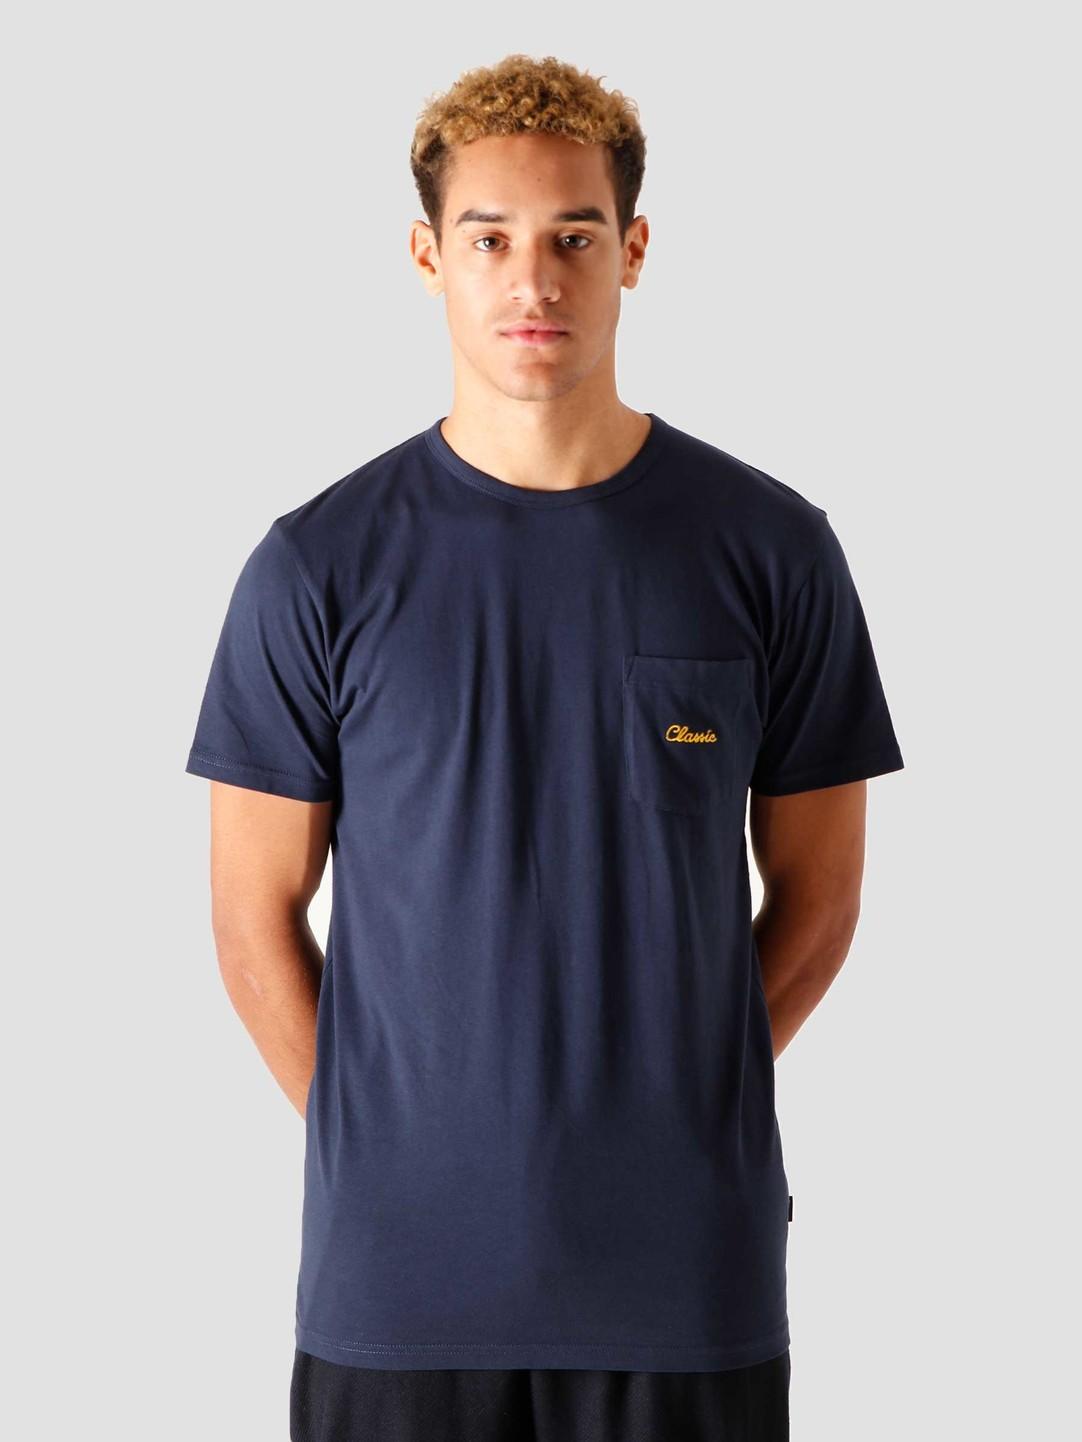 Ceizer Ceizer Classic Pocket Shirt Blue FW2020-016